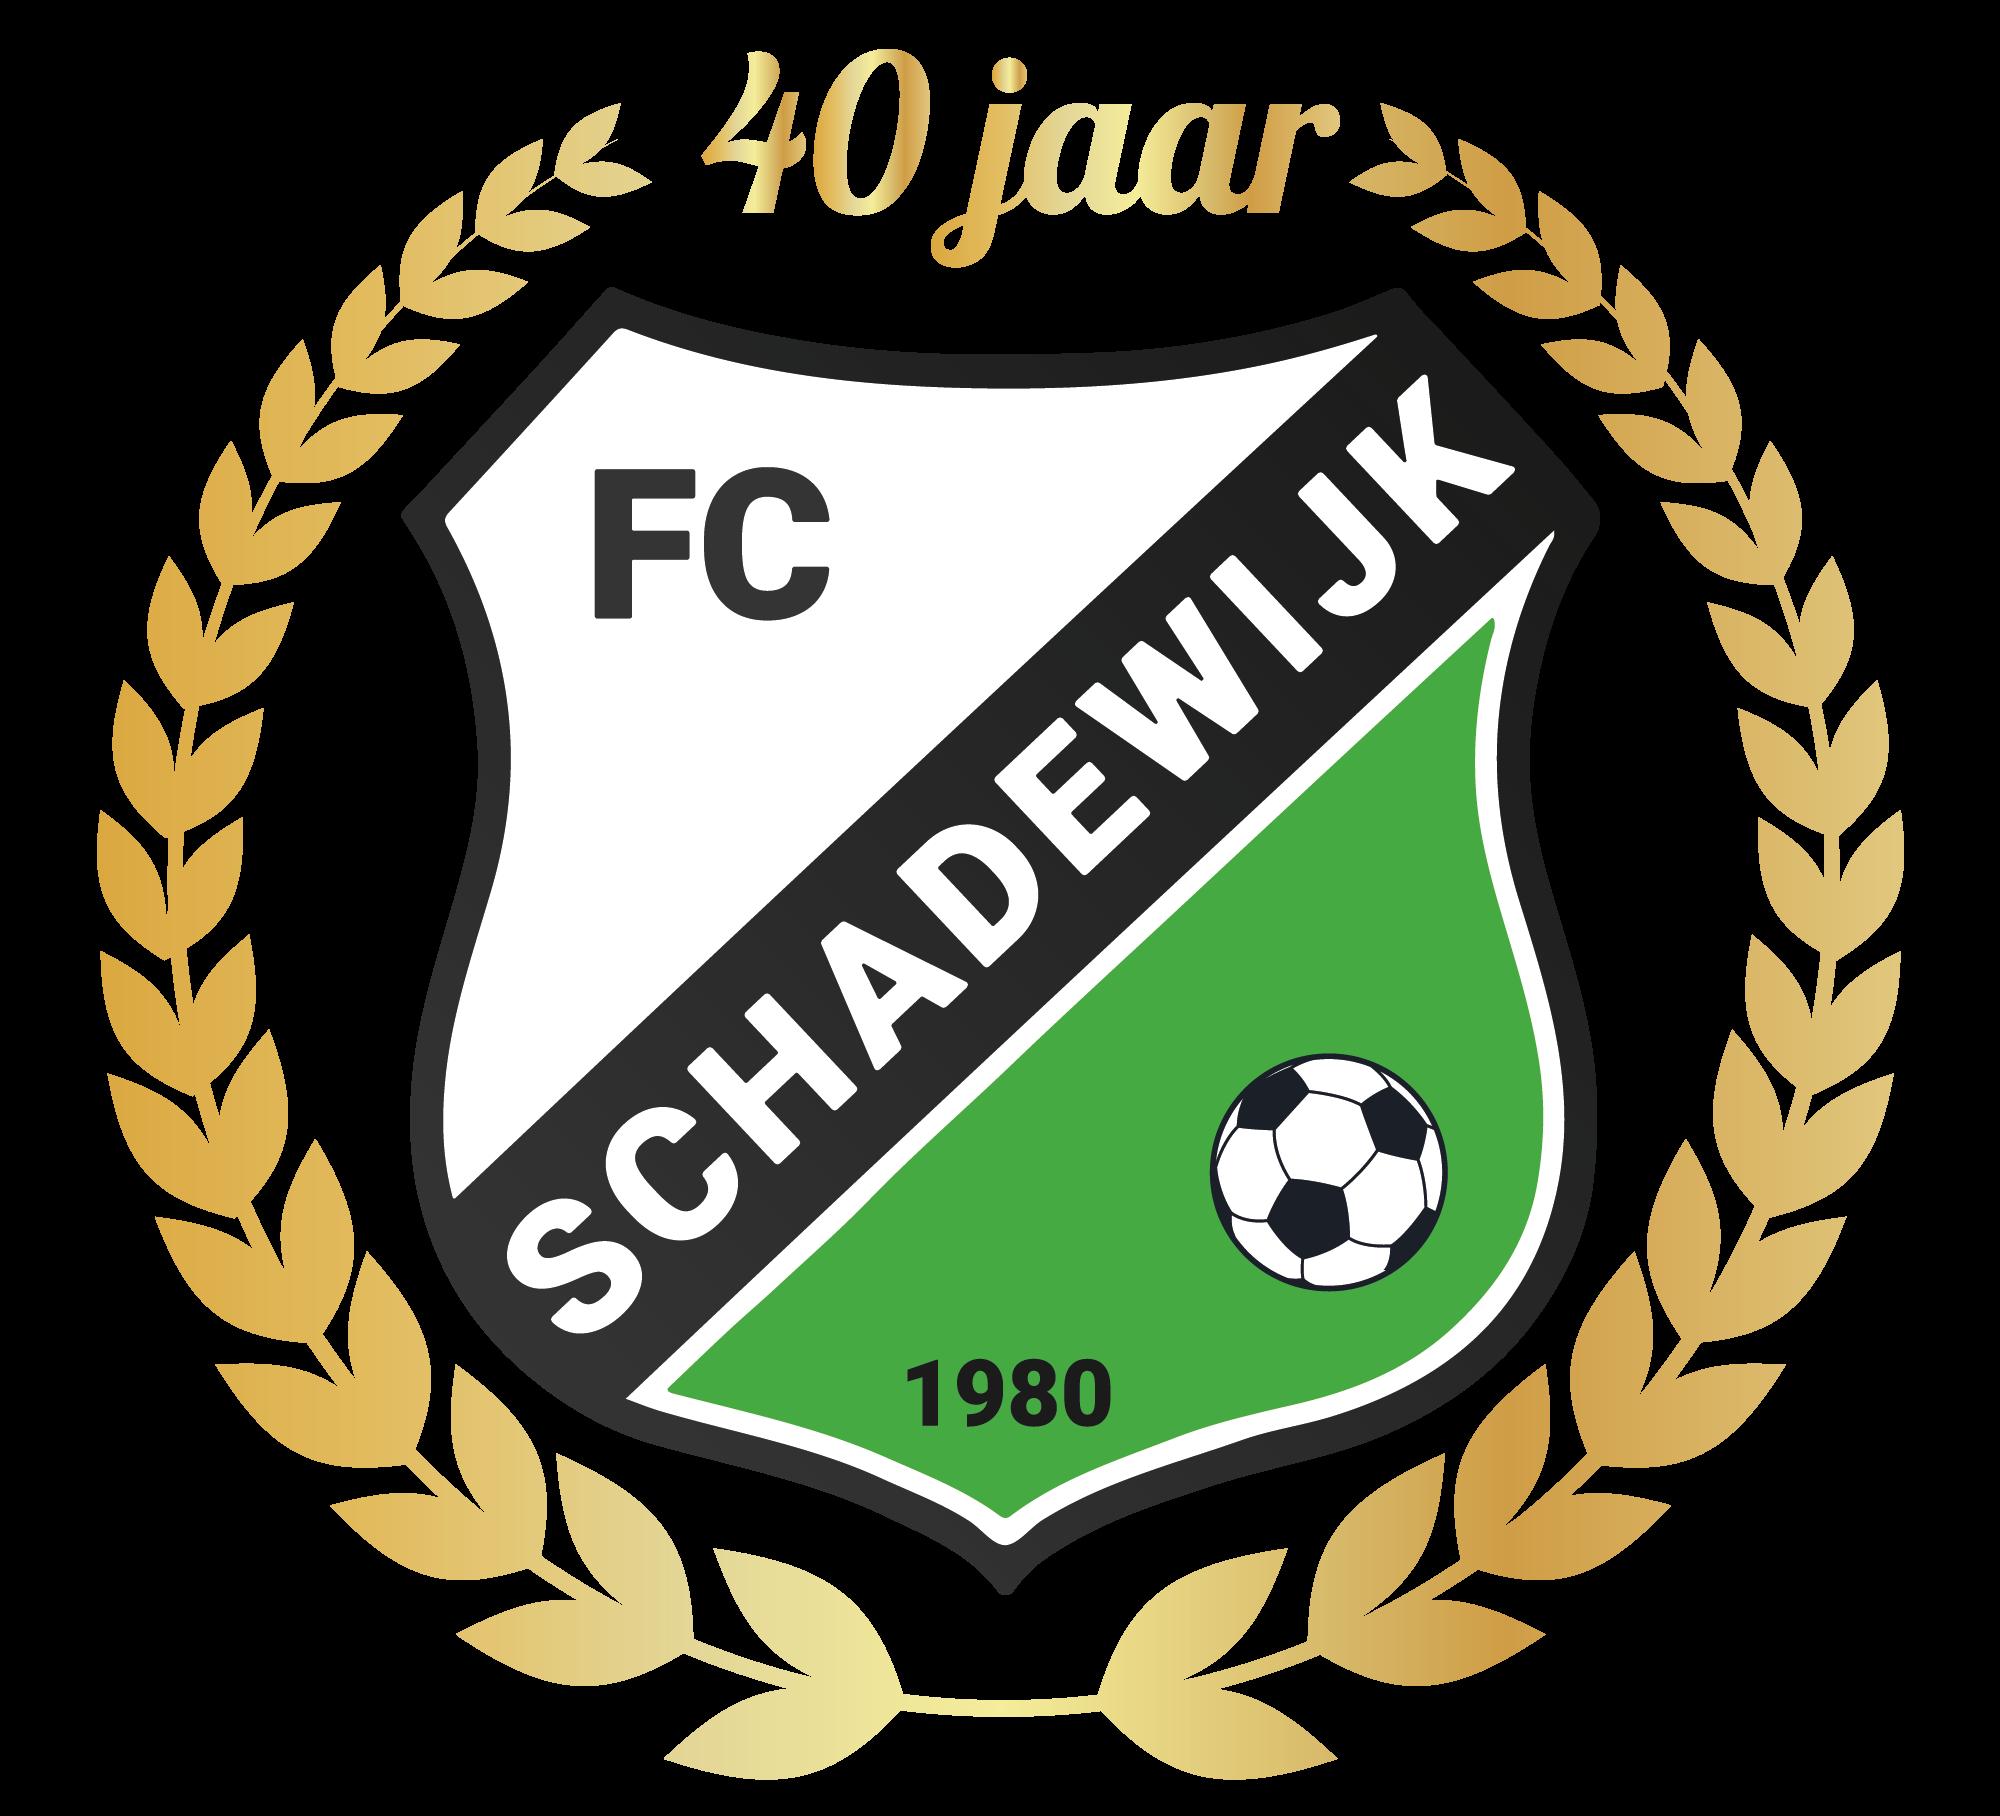 FC Schadewijk Oss